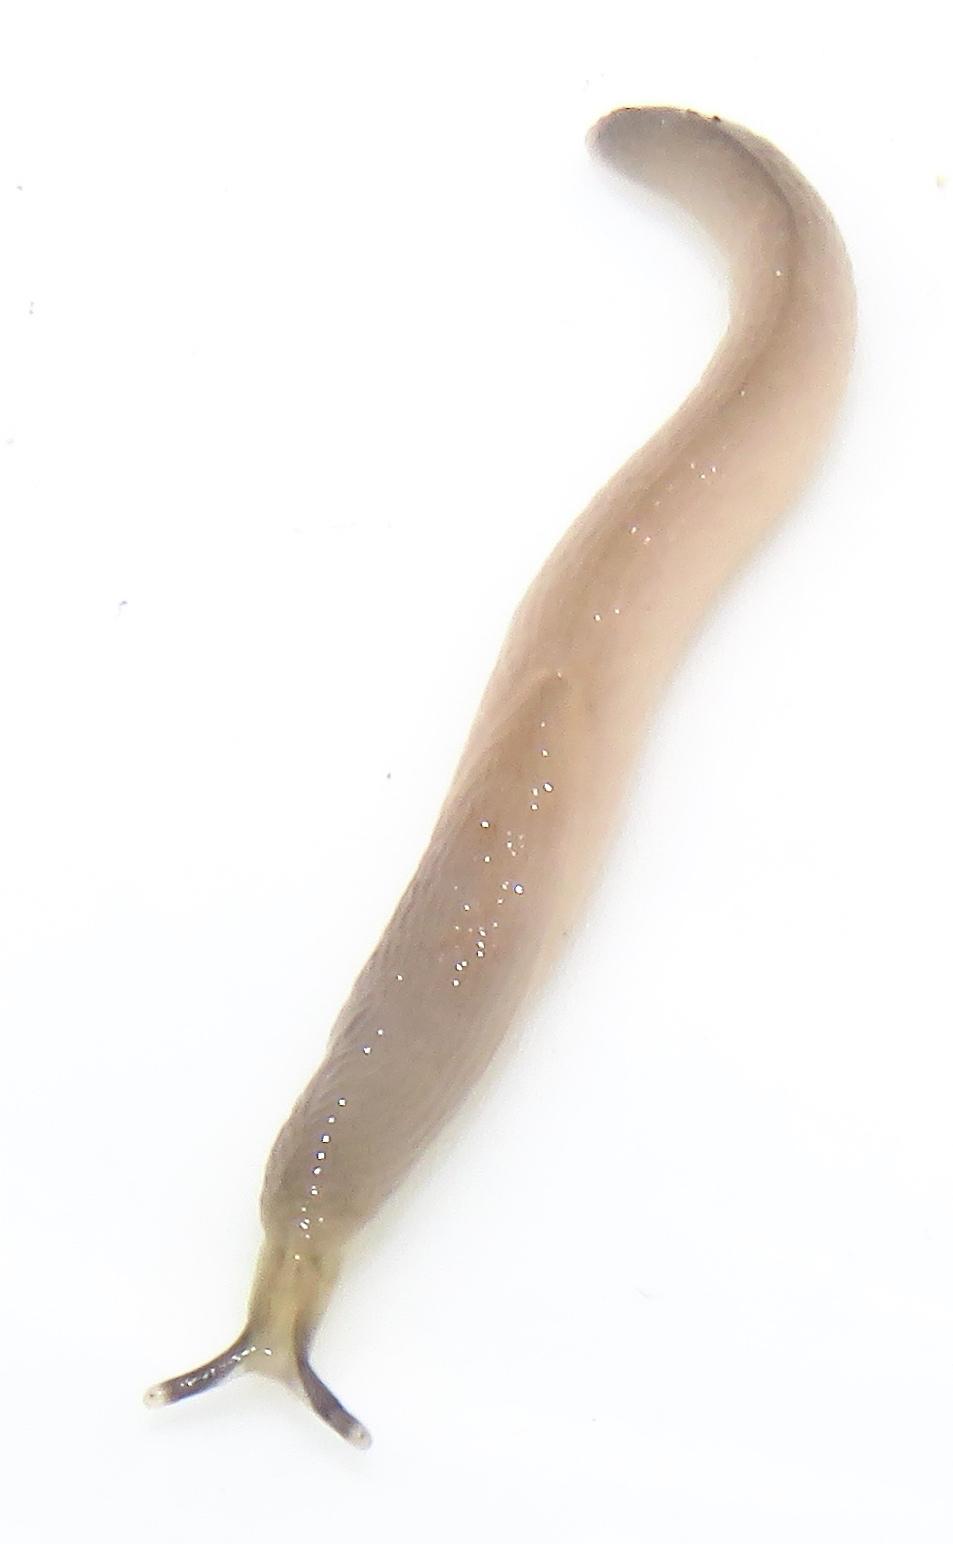 White Worms In Kitchen Floor